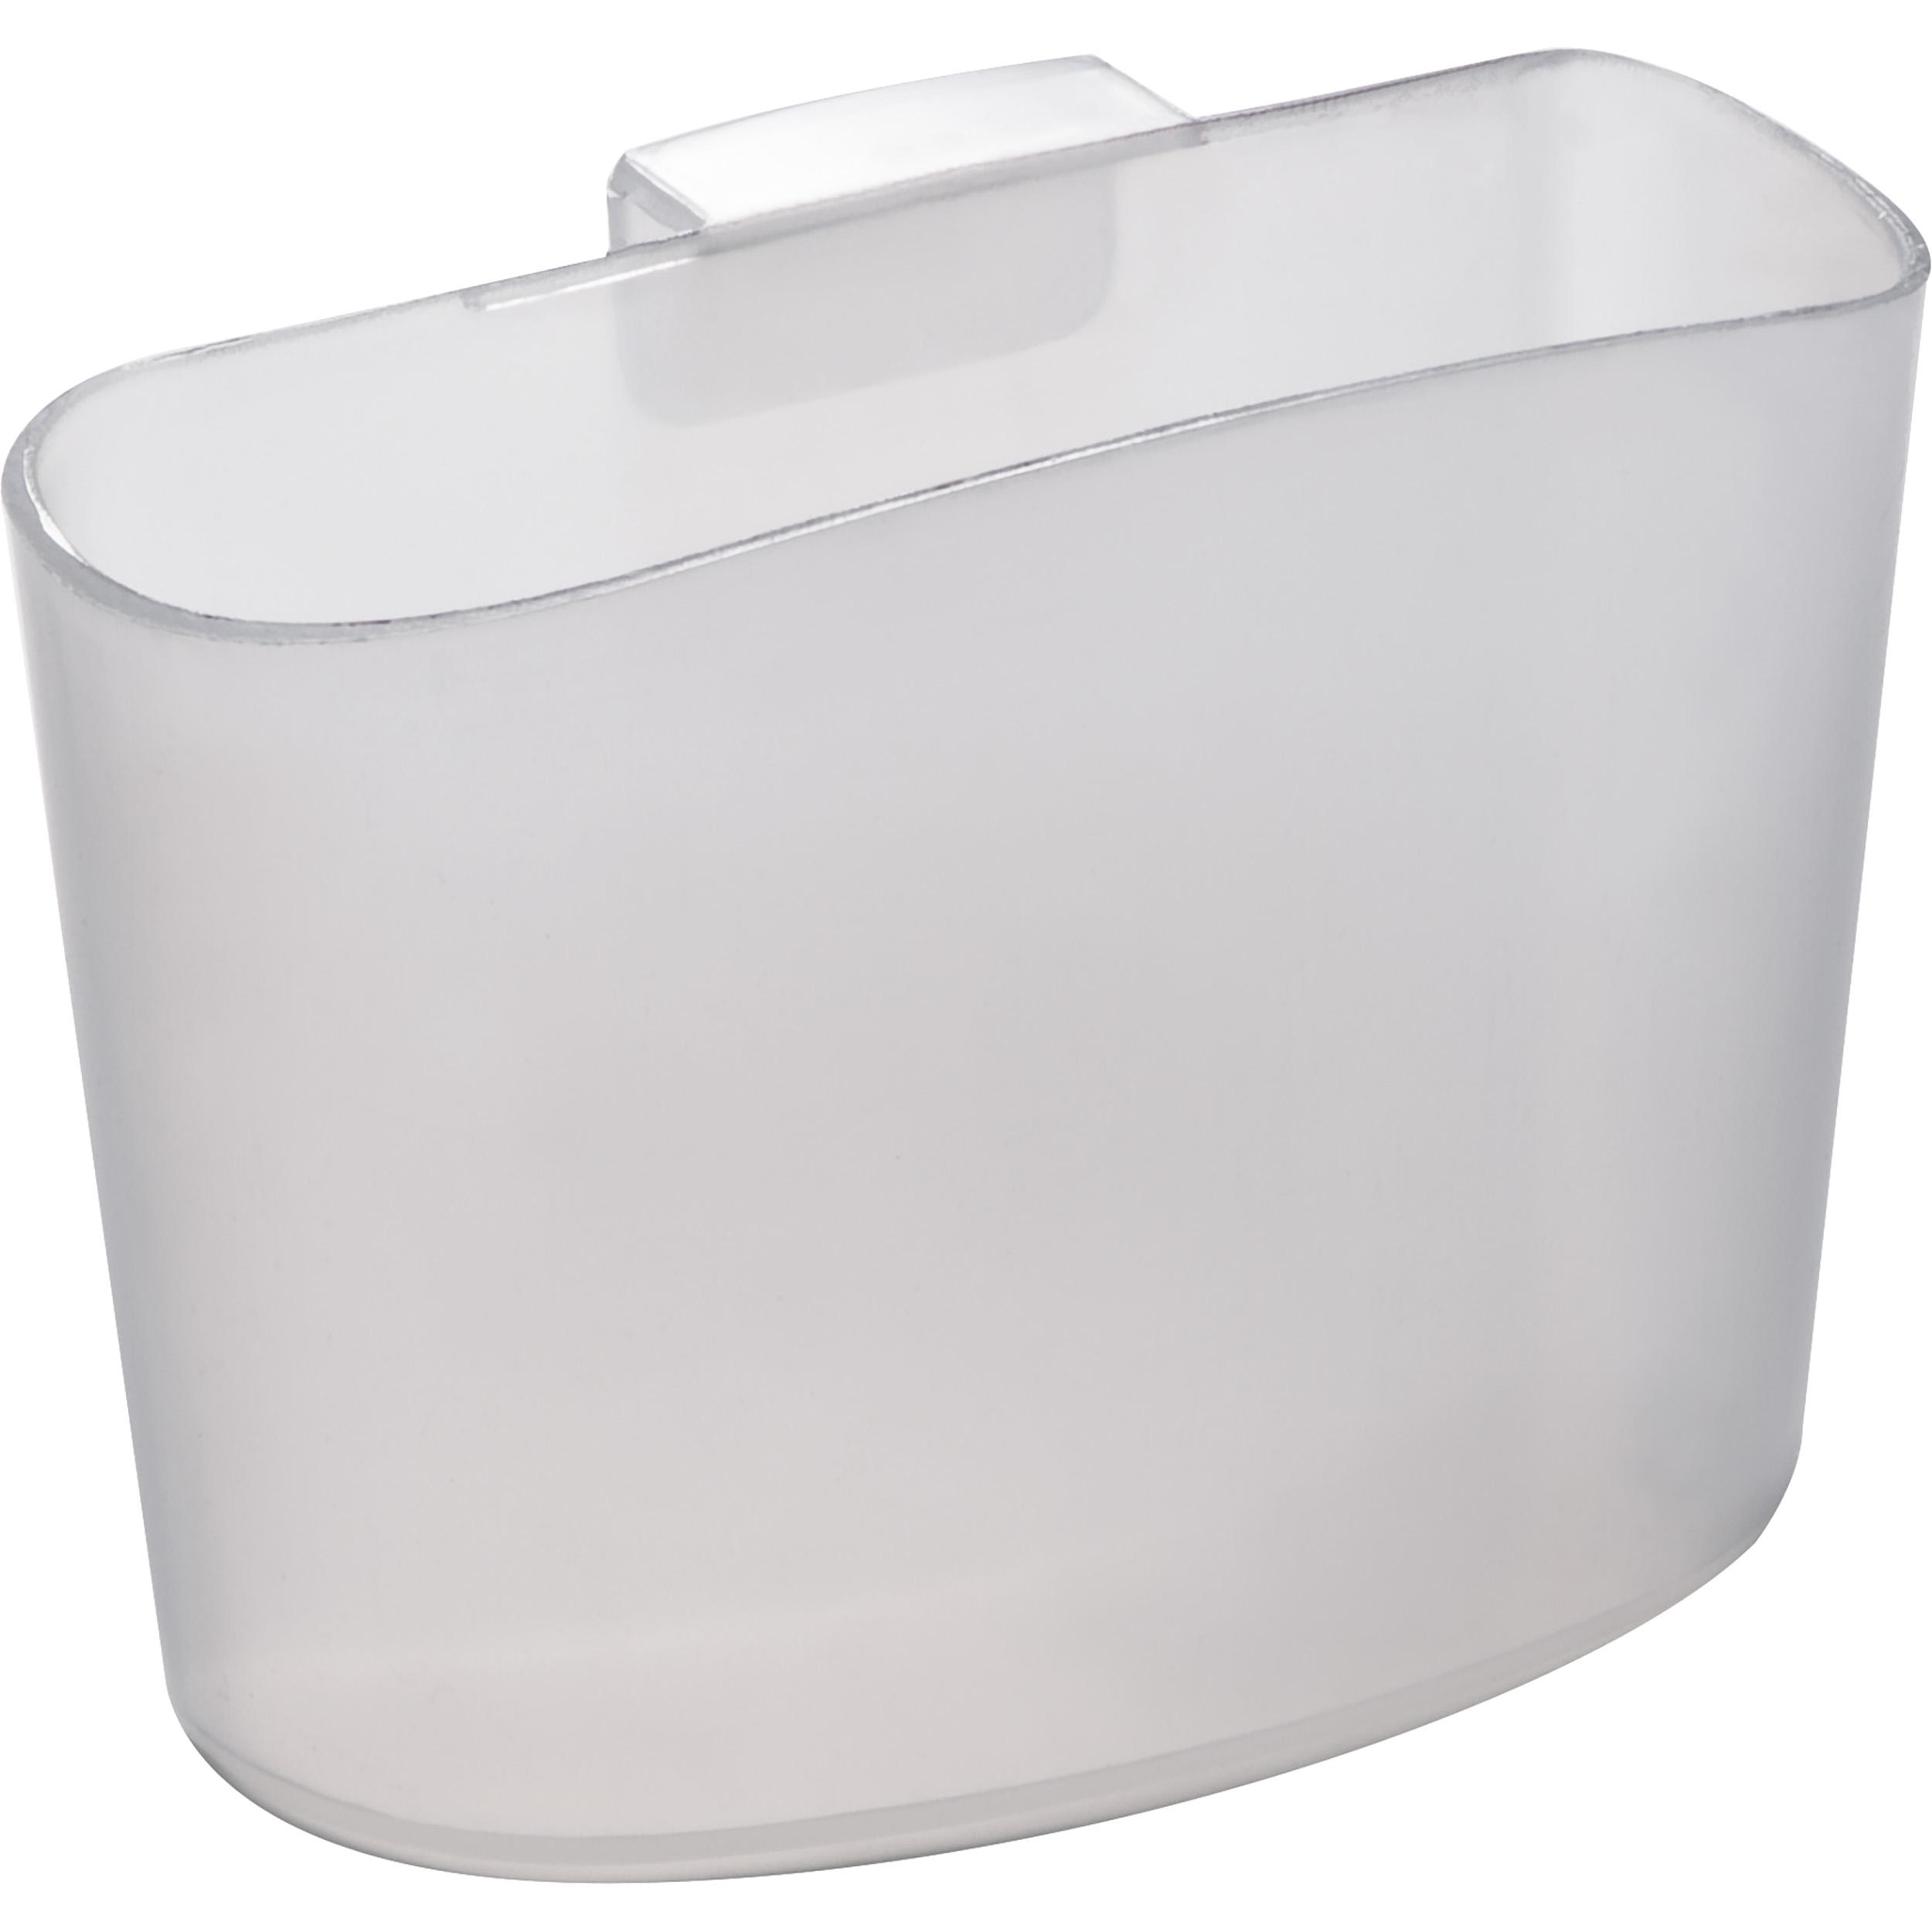 Tea bag holder, transparently frosted